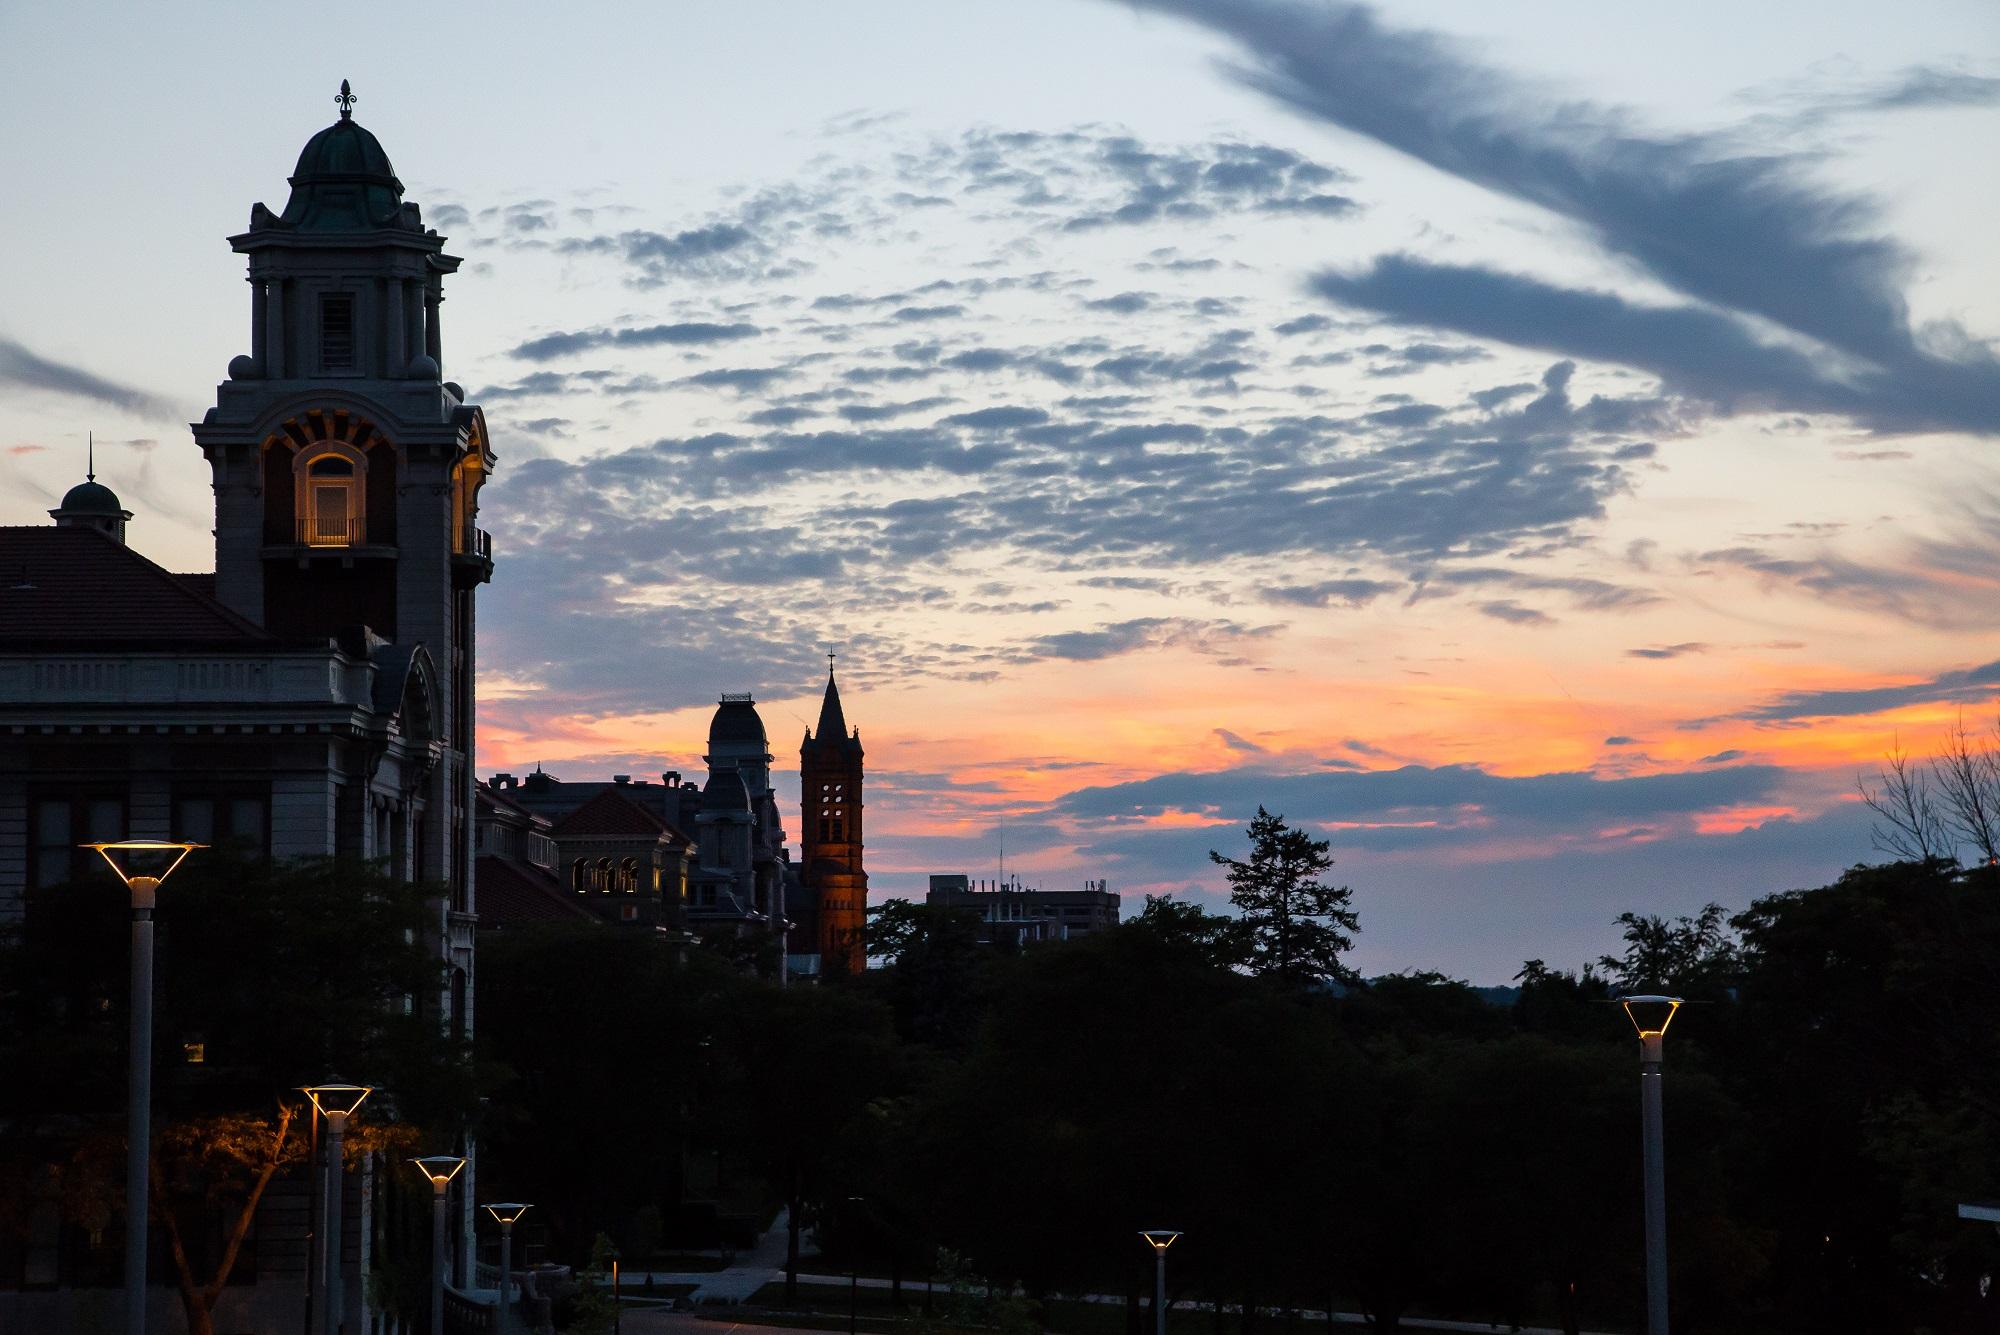 bingzhu-luo_school-sunset-view-003